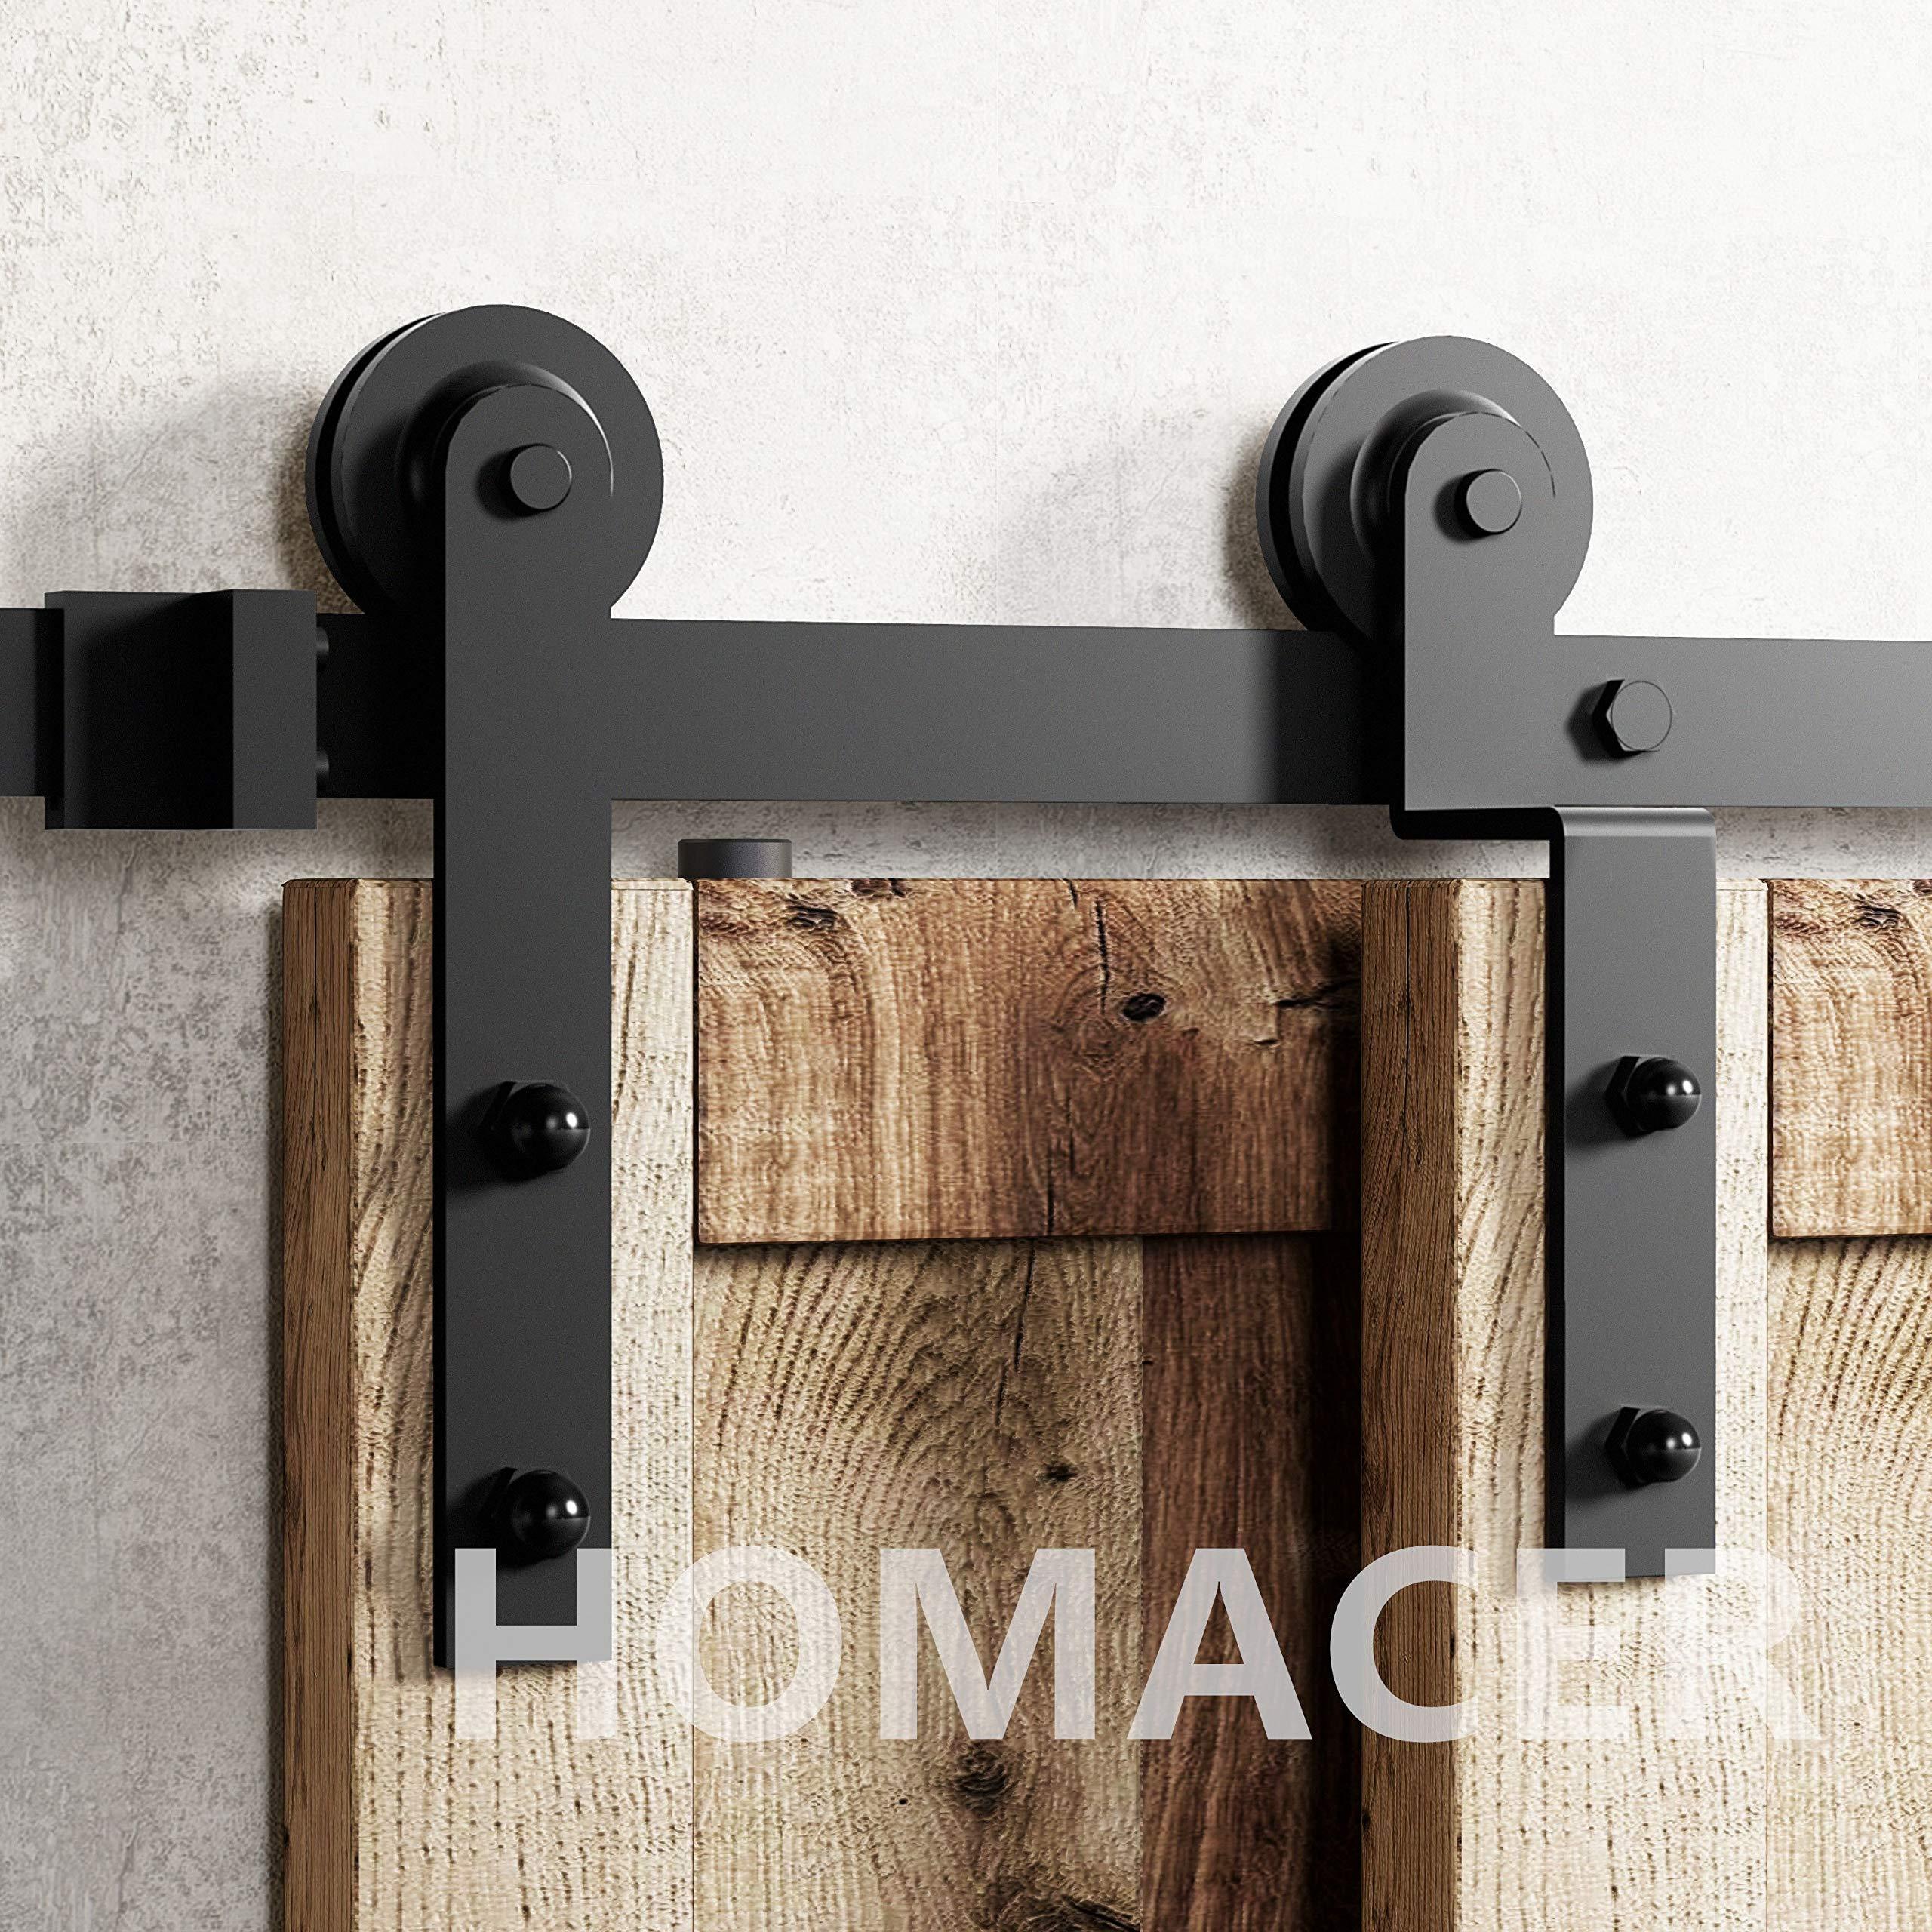 Homacer kit de puerta corredera de granero de doble puerta, 4 pies de riel plano con soporte en forma de Z, diseño recto, color negro, rústico, resistente, uso interior y exterior: Amazon.es: